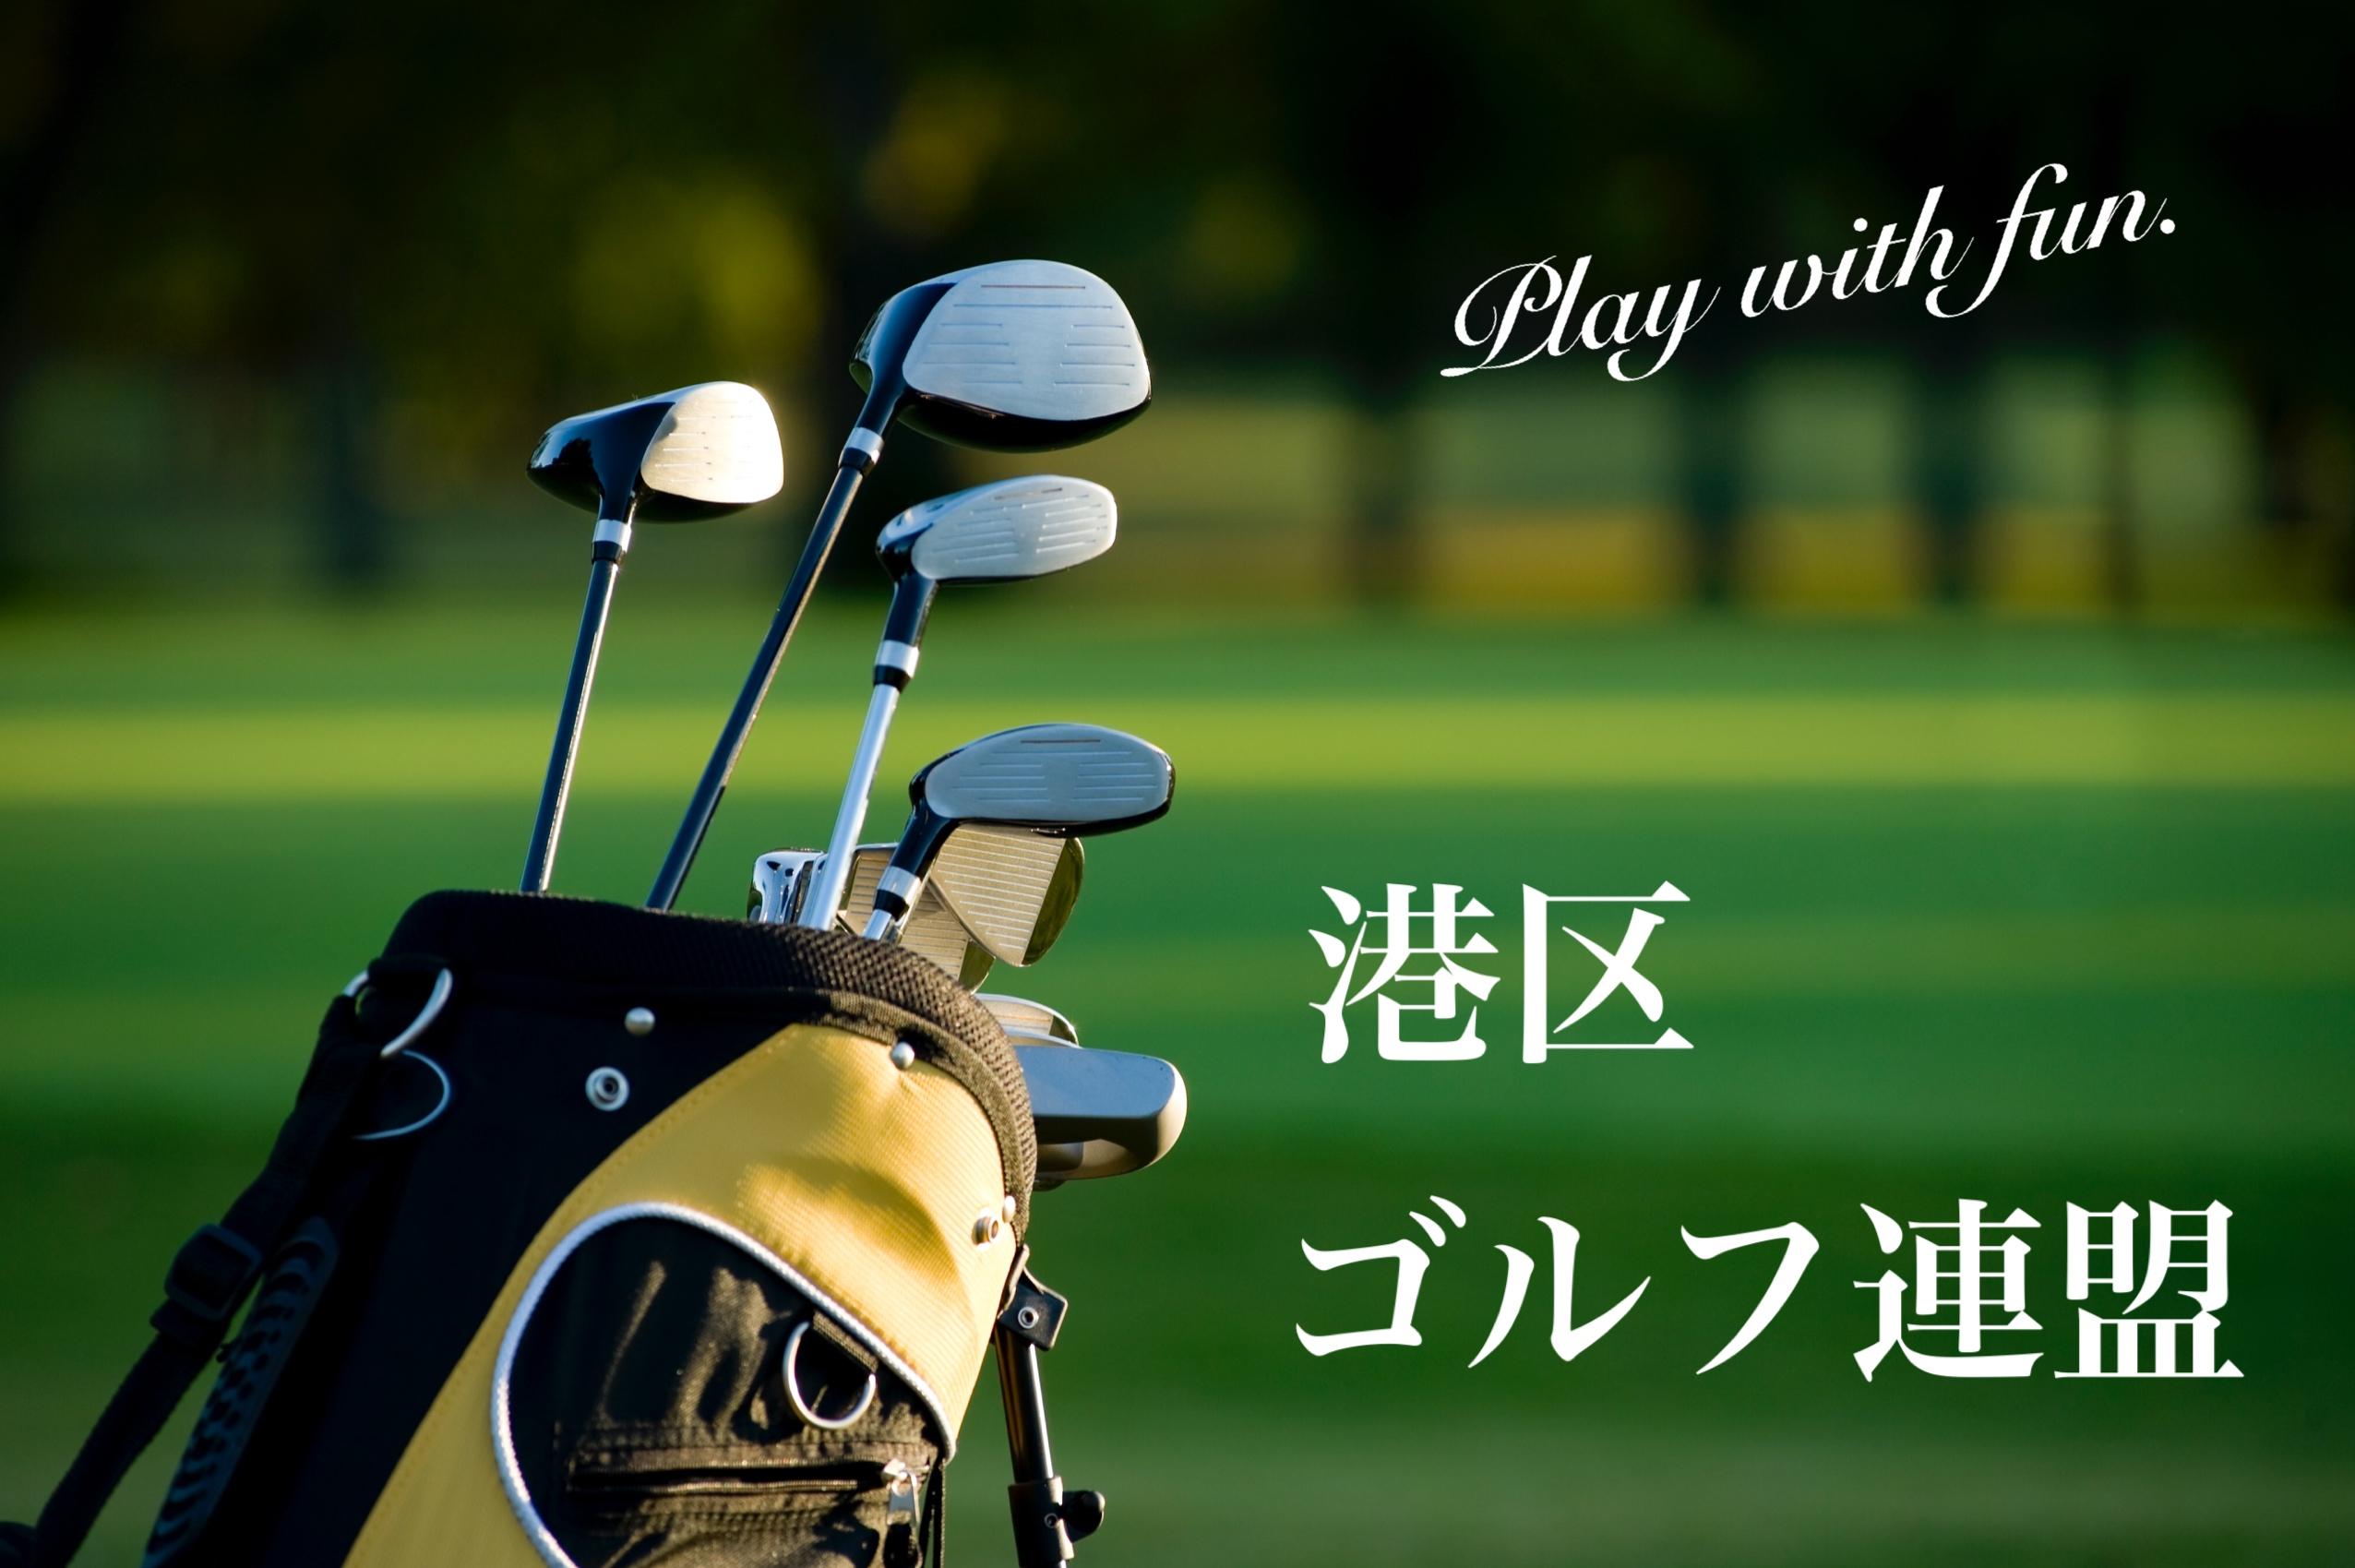 港区ゴルフ連盟